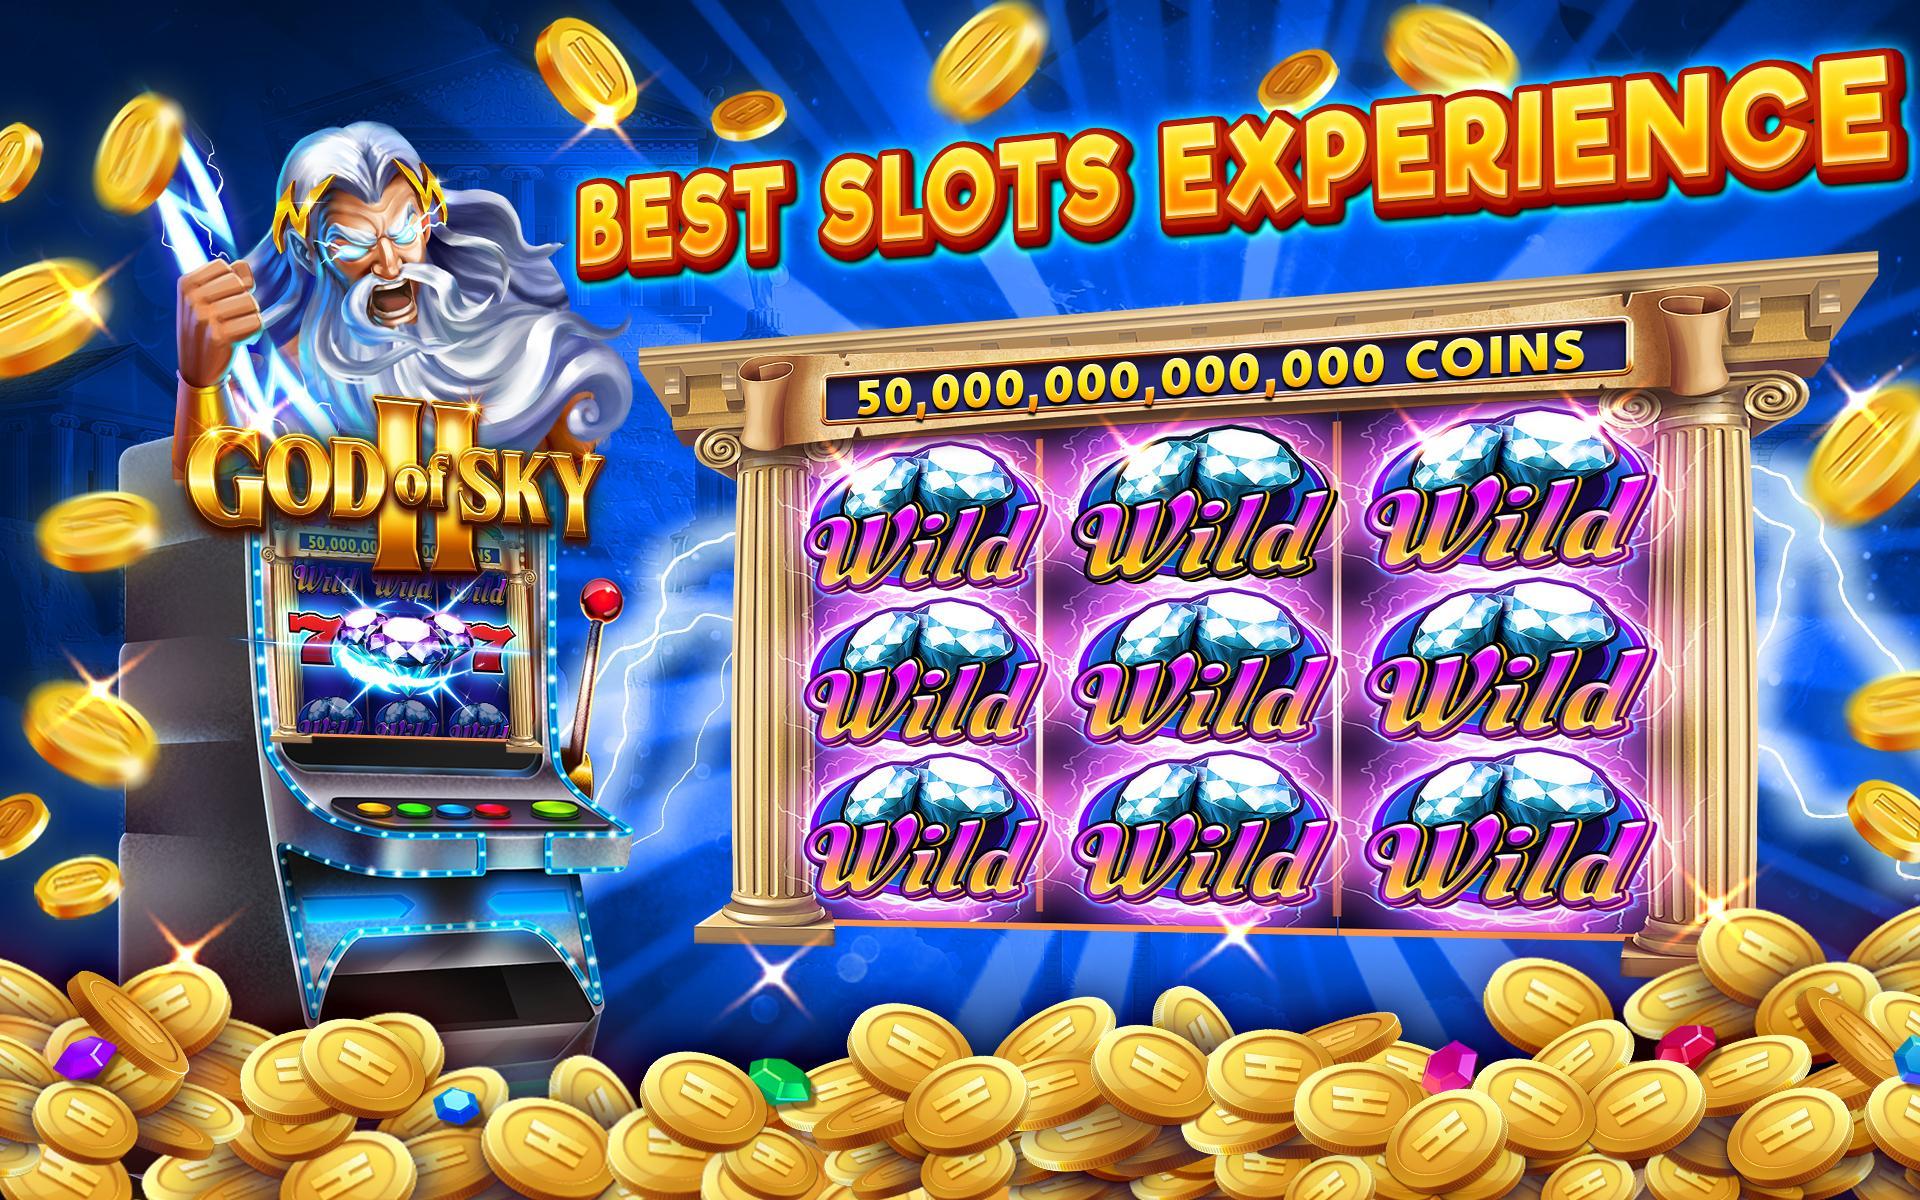 Huuuge Casino Slots - Best Slot Machines 6.1.2700 Screenshot 17